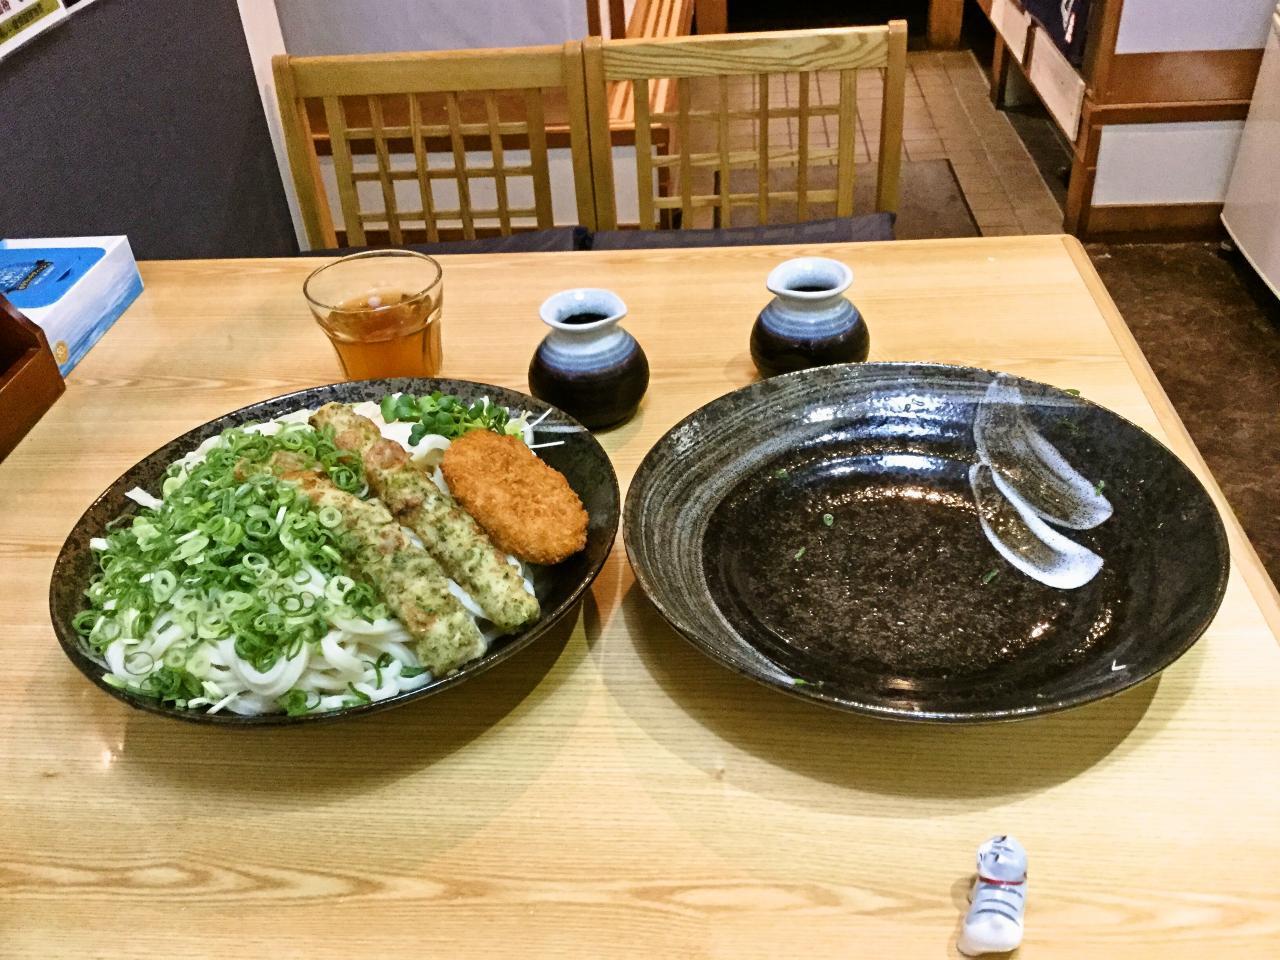 本場讃岐うどん ビストロカズ(3kg)